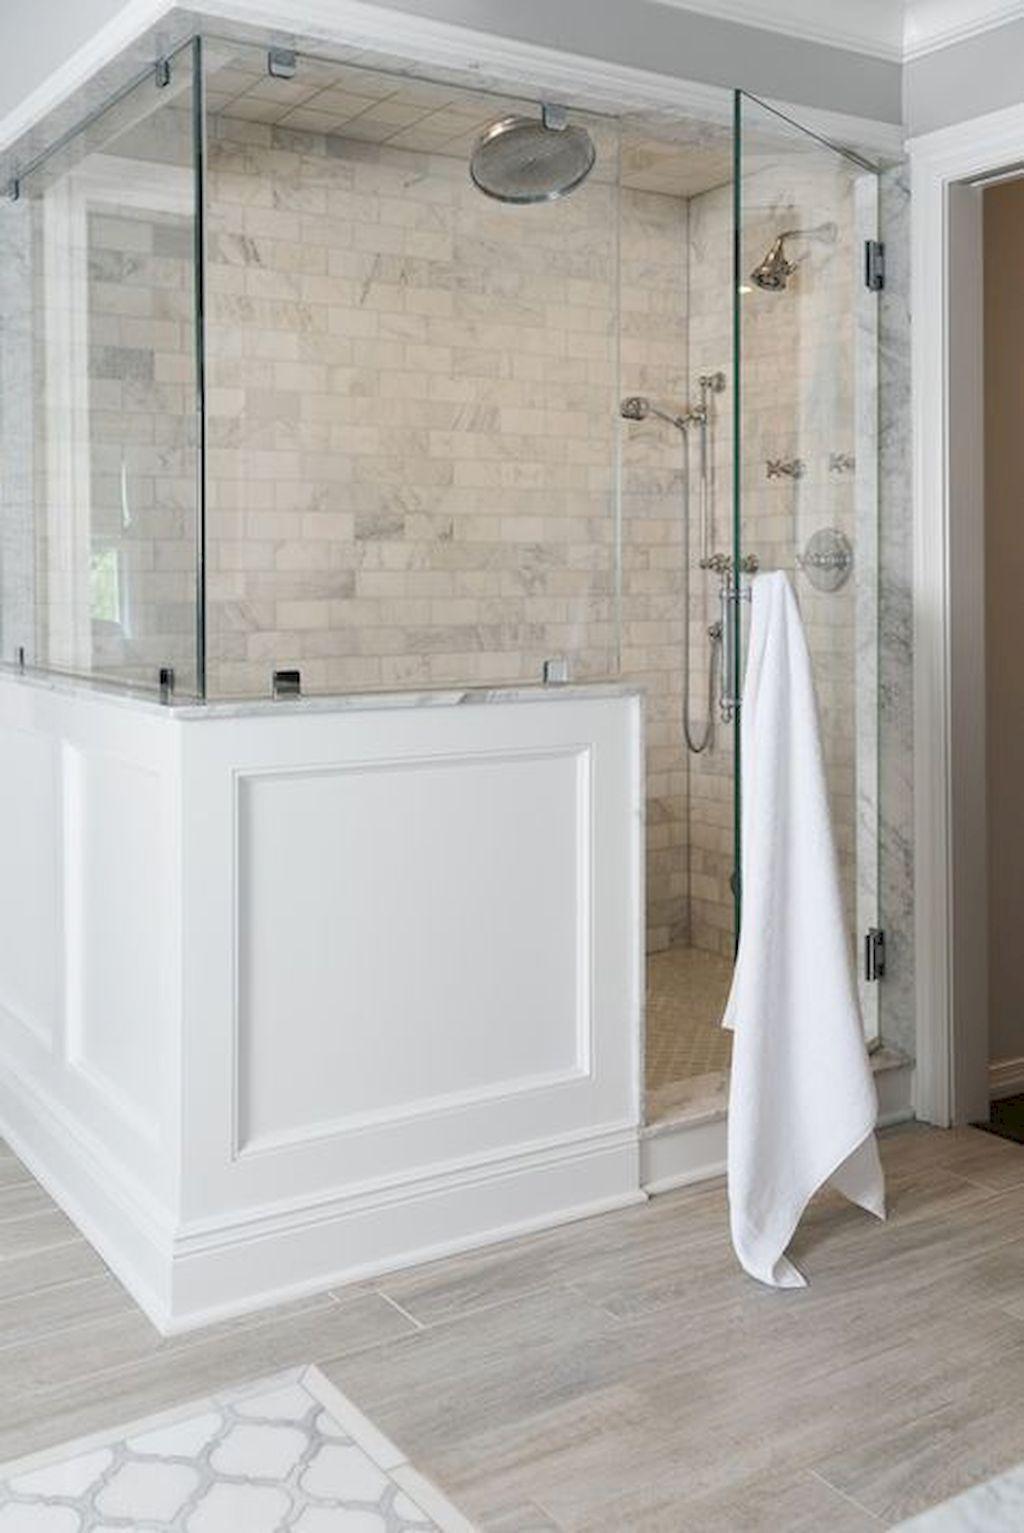 61-Farmhouse-Rustic-Master-Bathroom-Remodel-Ideas.jpg